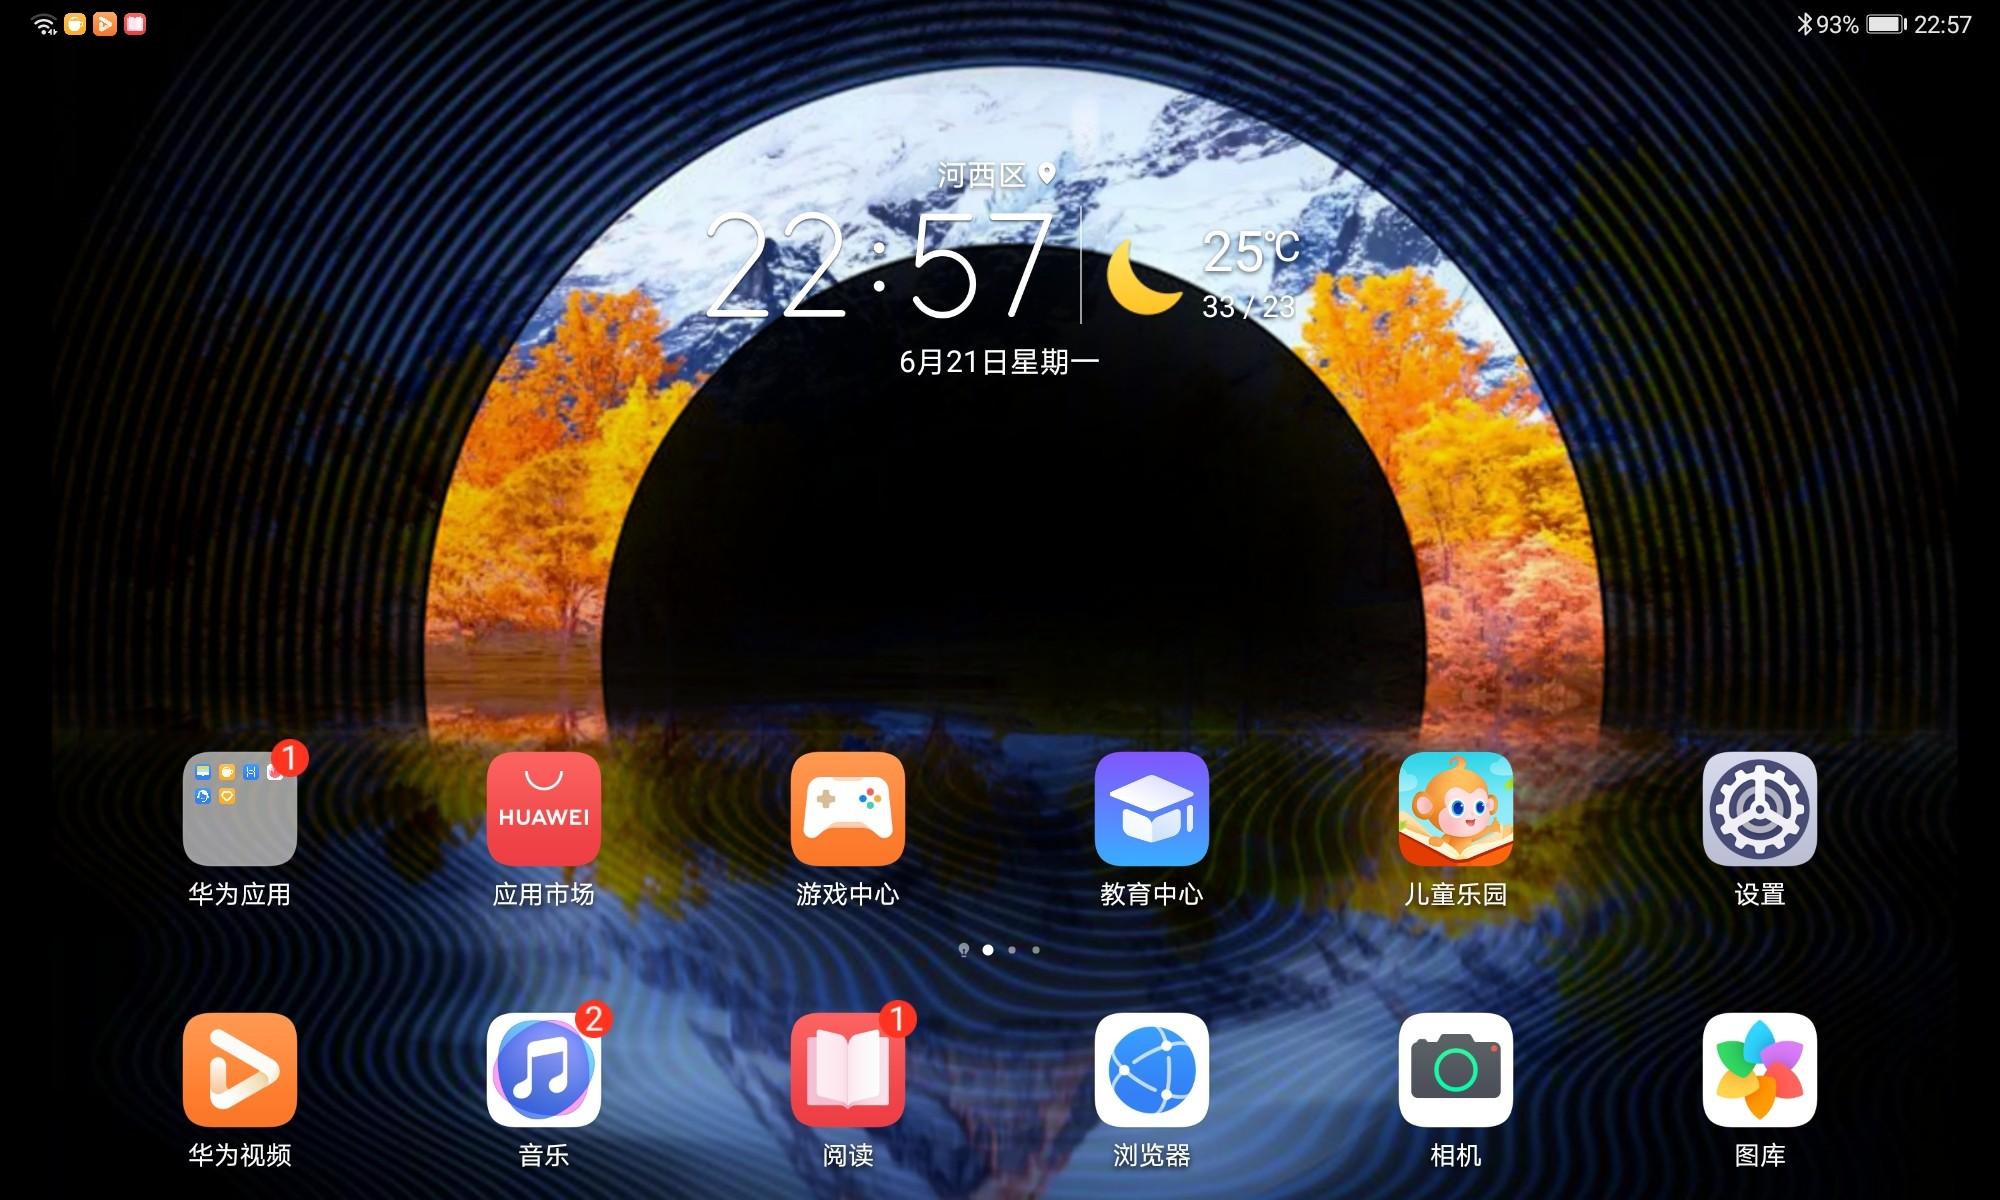 Screenshot_20210621_225720_com.huawei.android.launcher.jpg